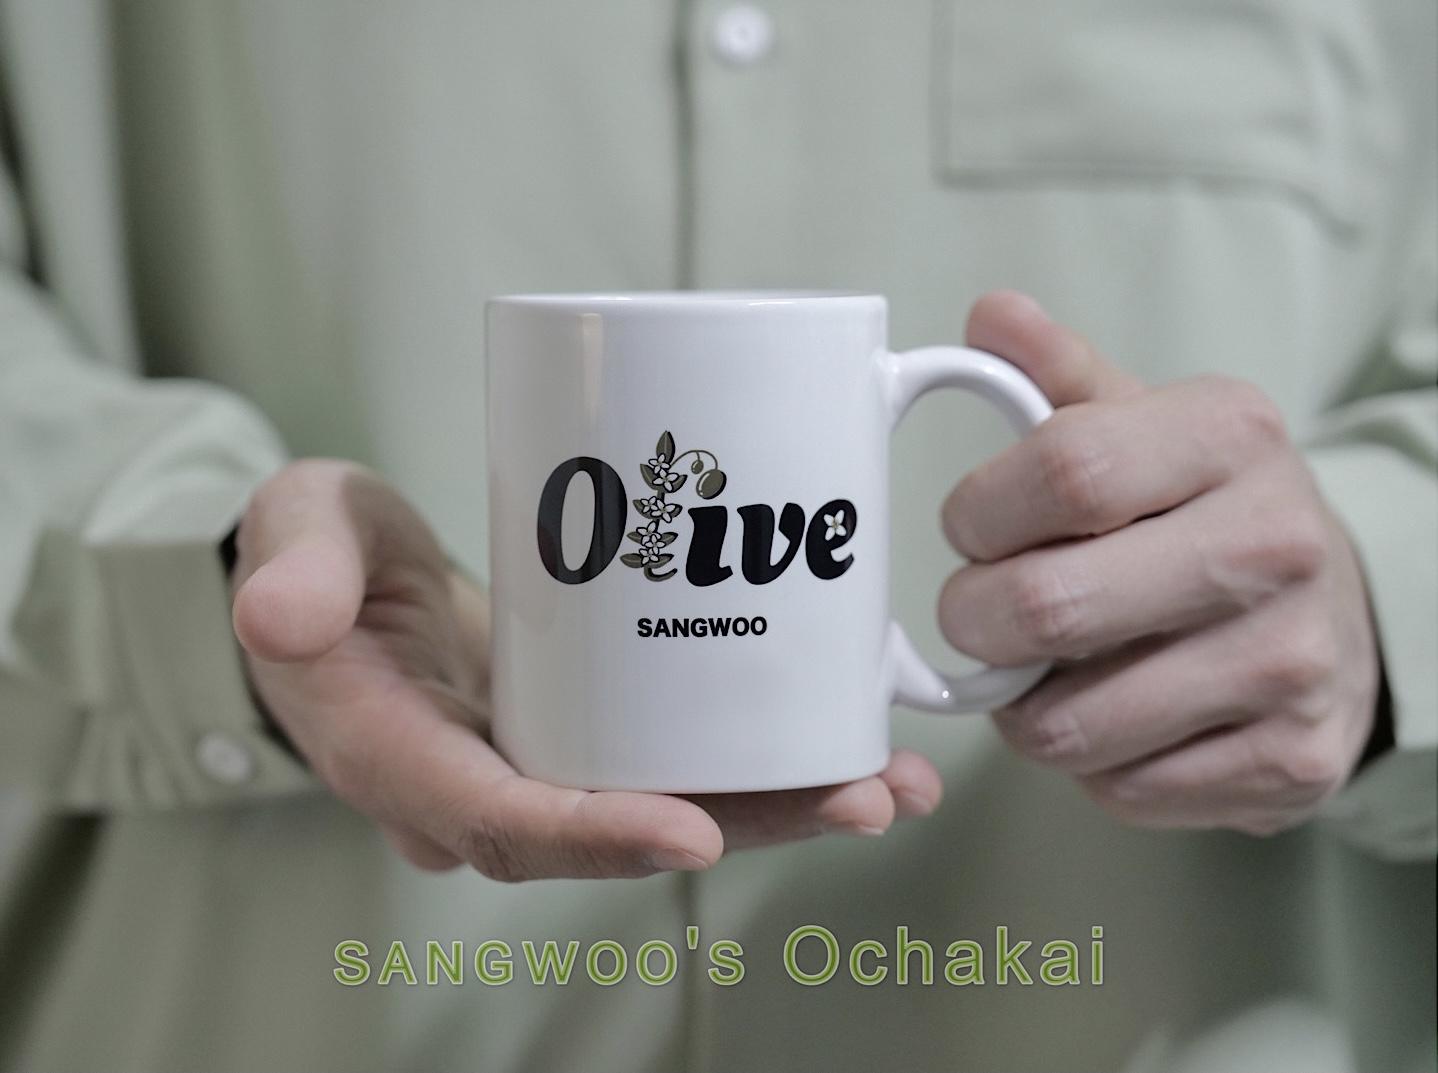 サンウと「 〇〇?!の、〇〇?!からのオンラインお茶会」【10月9日(土)、10月10日(日) 】